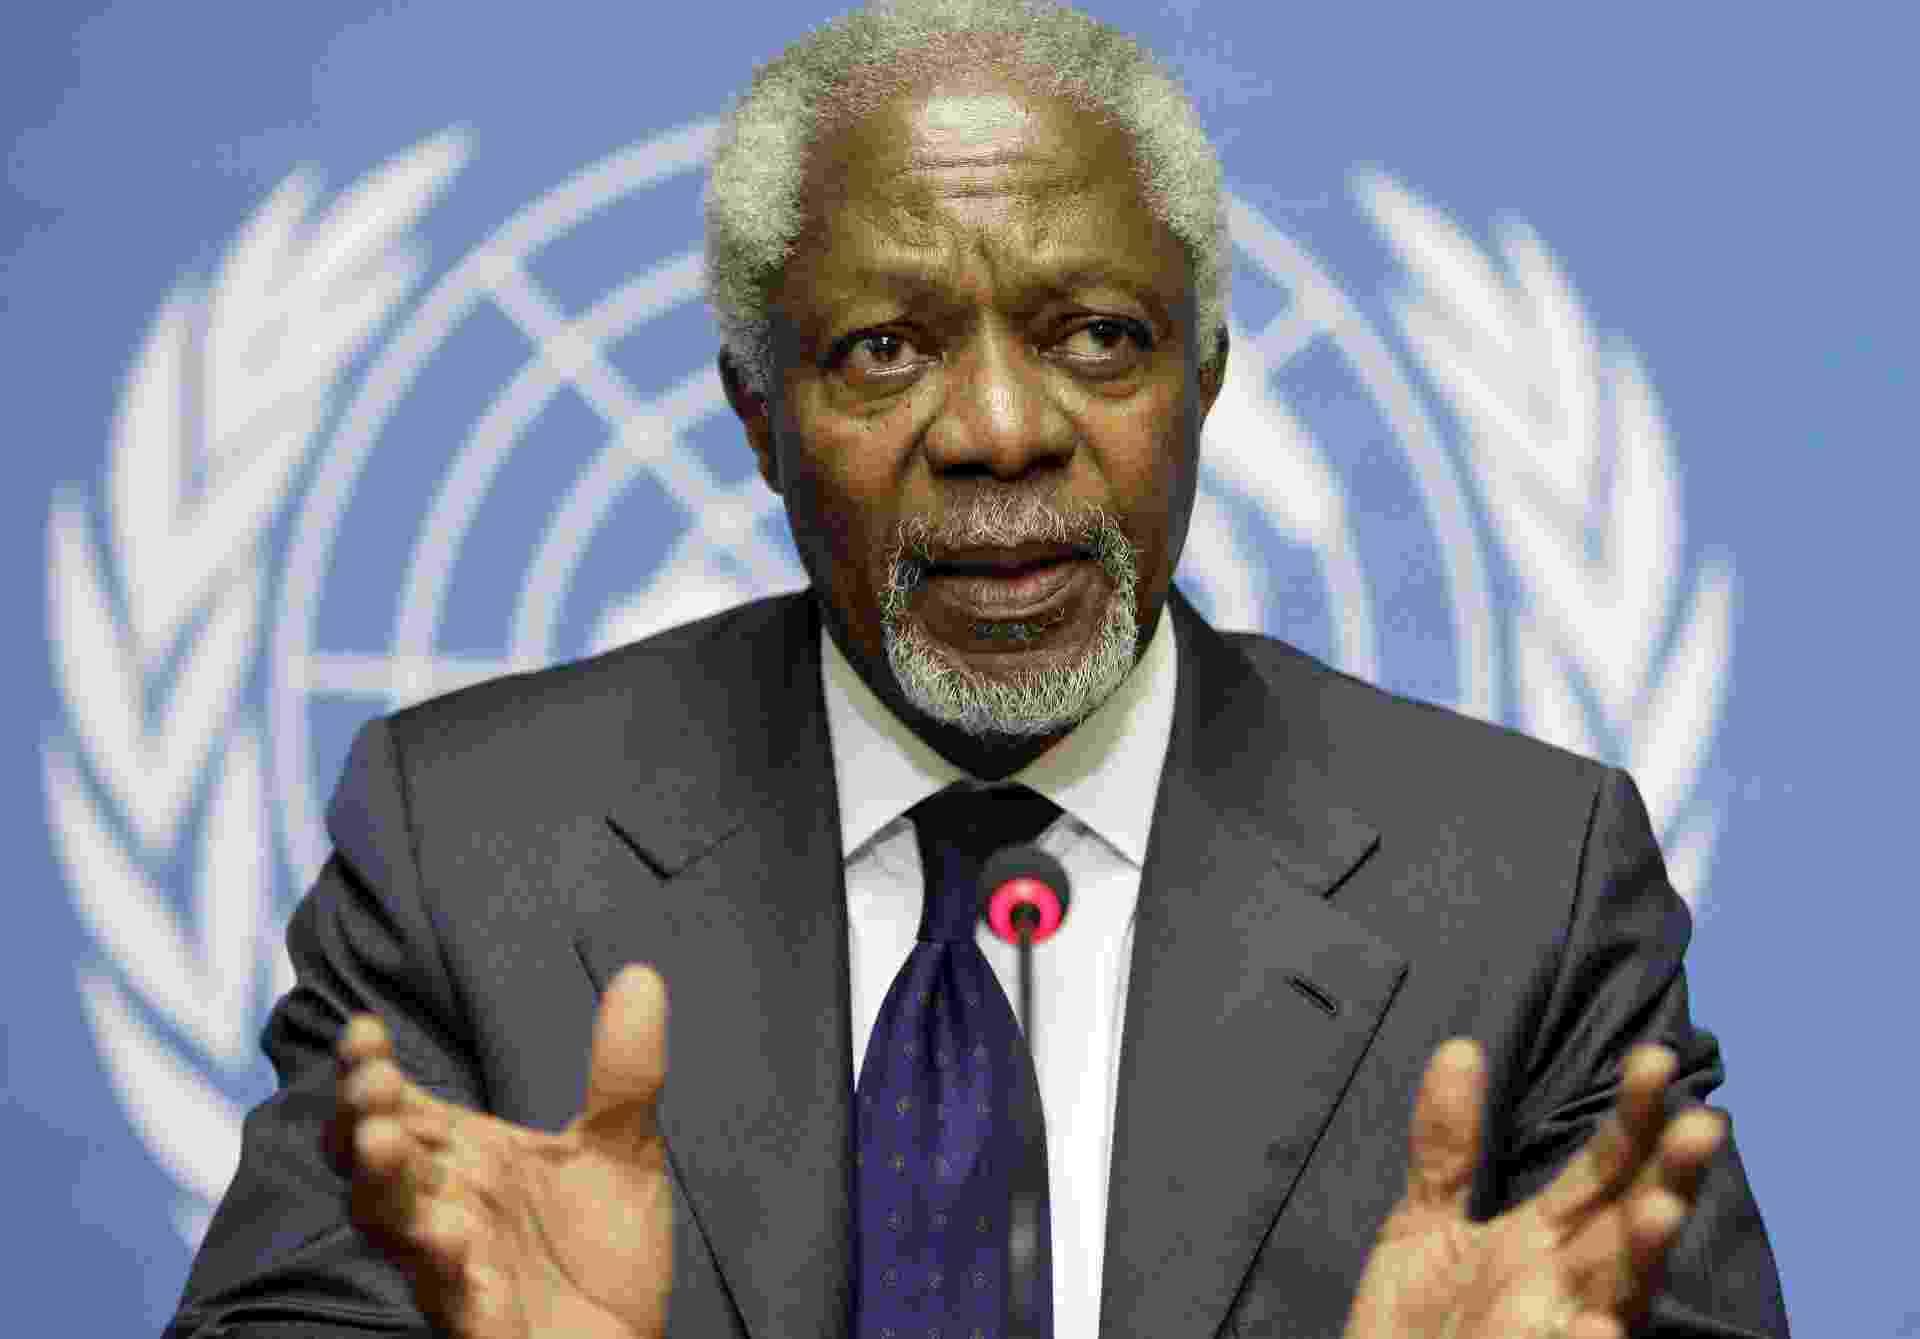 30.jun.2012 - O ex-secretário geral da ONU Kofi Annan, Enviado Especial das Nações Unidas e da Liga Árabe para a Síria, durante conferência de imprensa em Gênova - Valentin Flauraud/Reuters